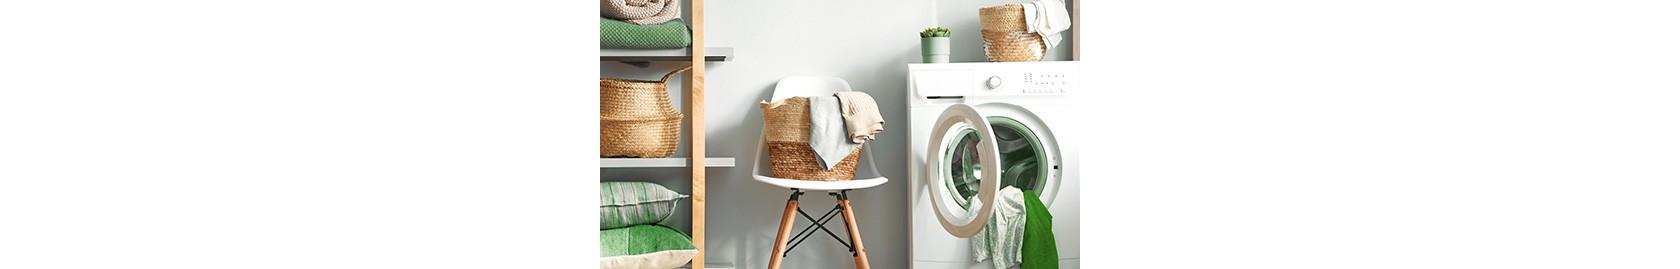 offene waschmaschine neben stuhl mit frischer wäsche